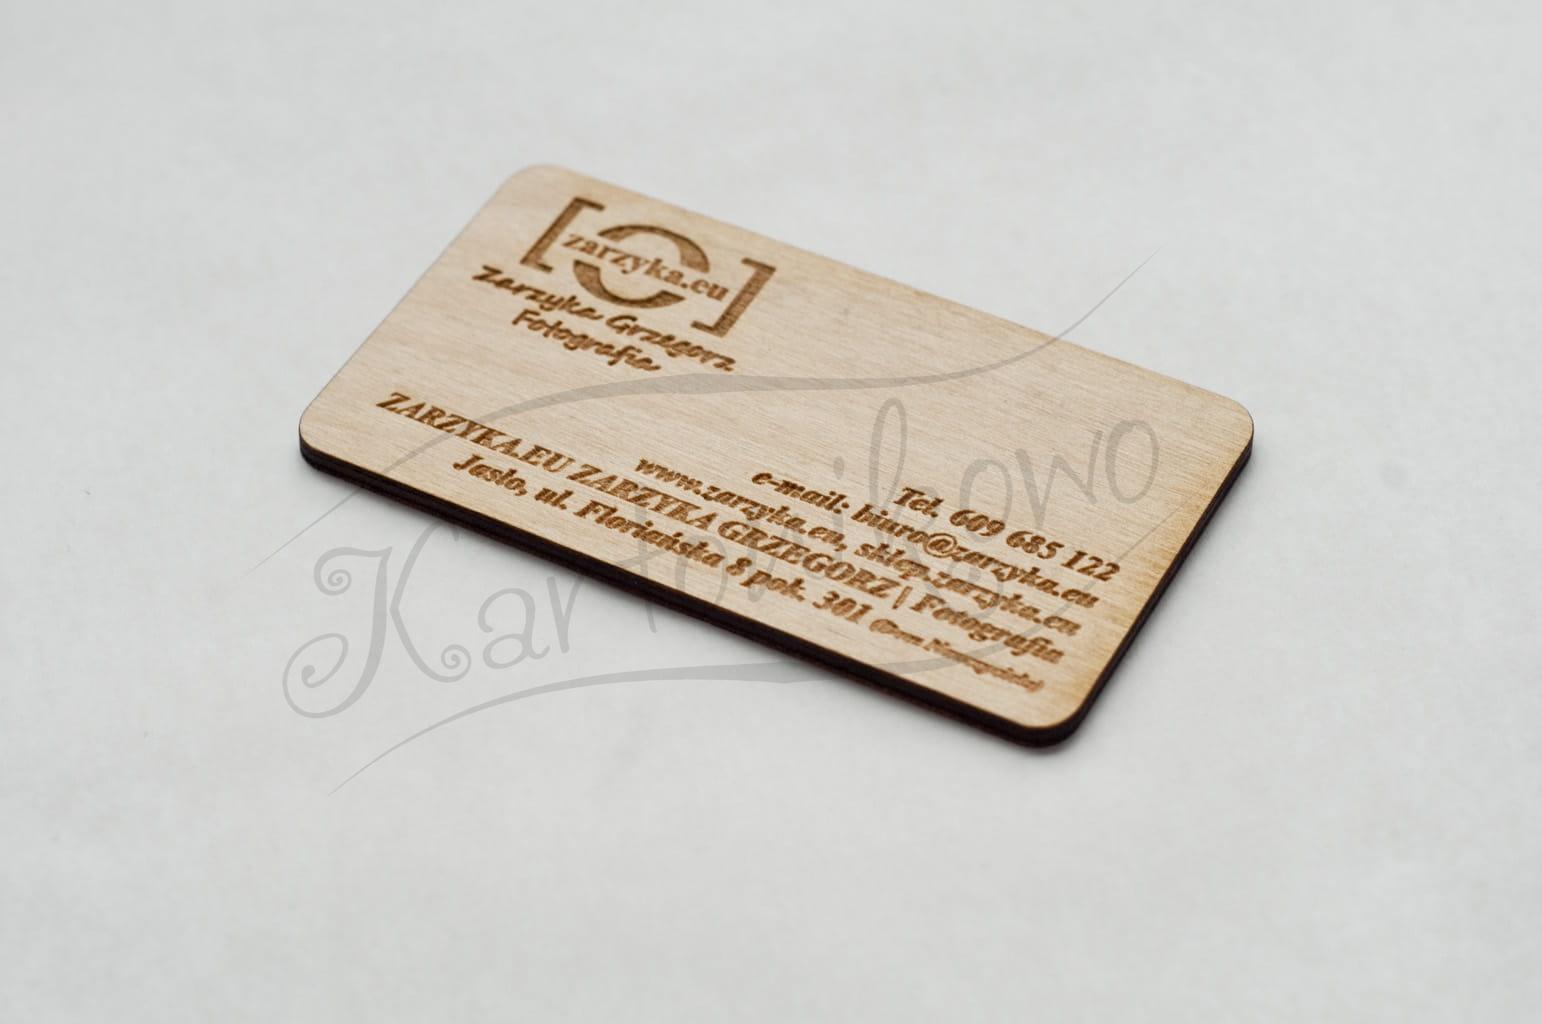 Wizytówka Wizytówki Reklamowe Drewno Sklejka 3mm Kartonikowopl